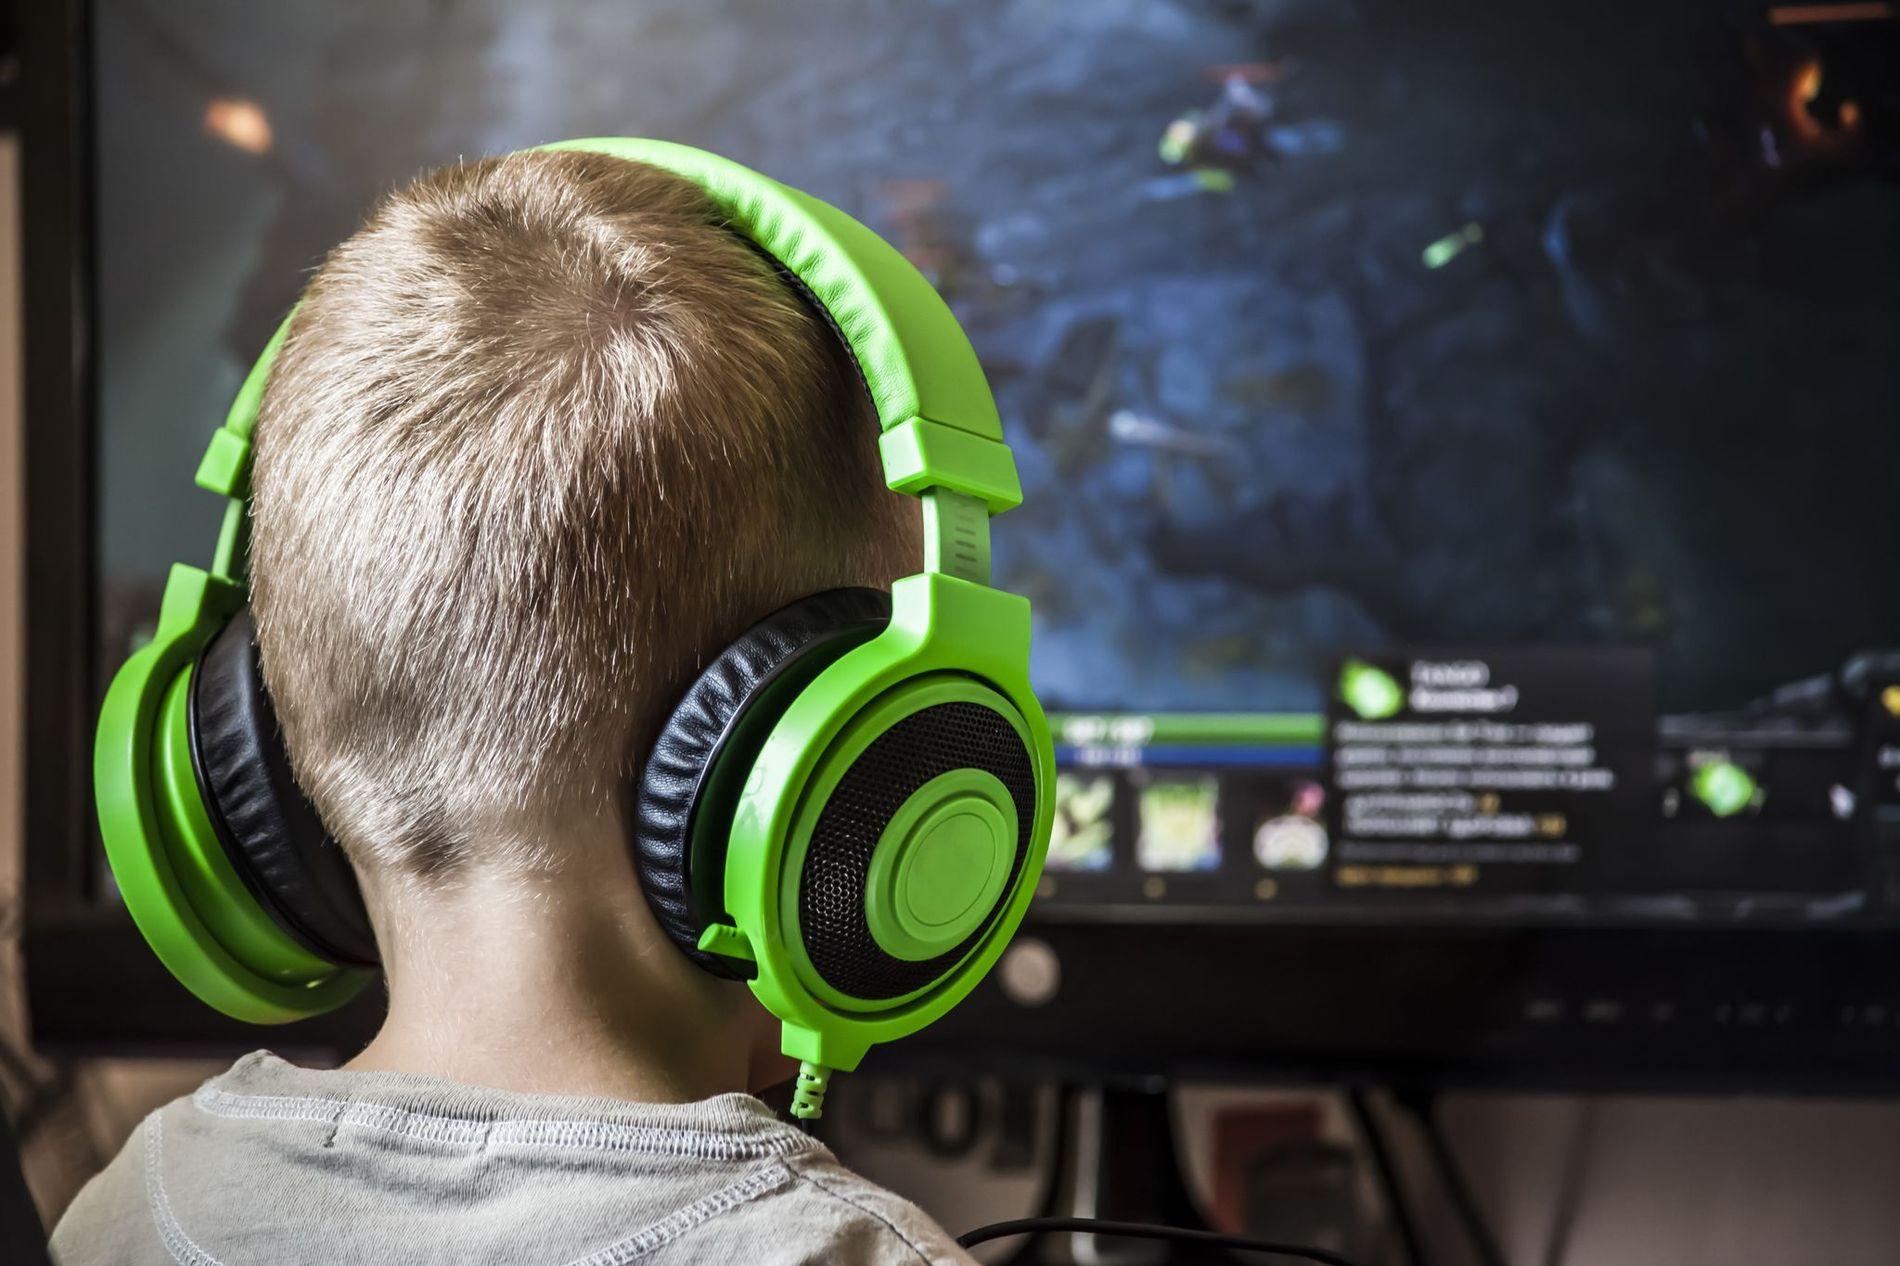 IKKE BARE USUNT: Barn og unge spiller først og fremst for underholdningens del, og det har stor verdi i seg selv. På samme måte som voksne trenger å koble av etter en hektisk hverdag, behøver også barn tid med interessene sine.